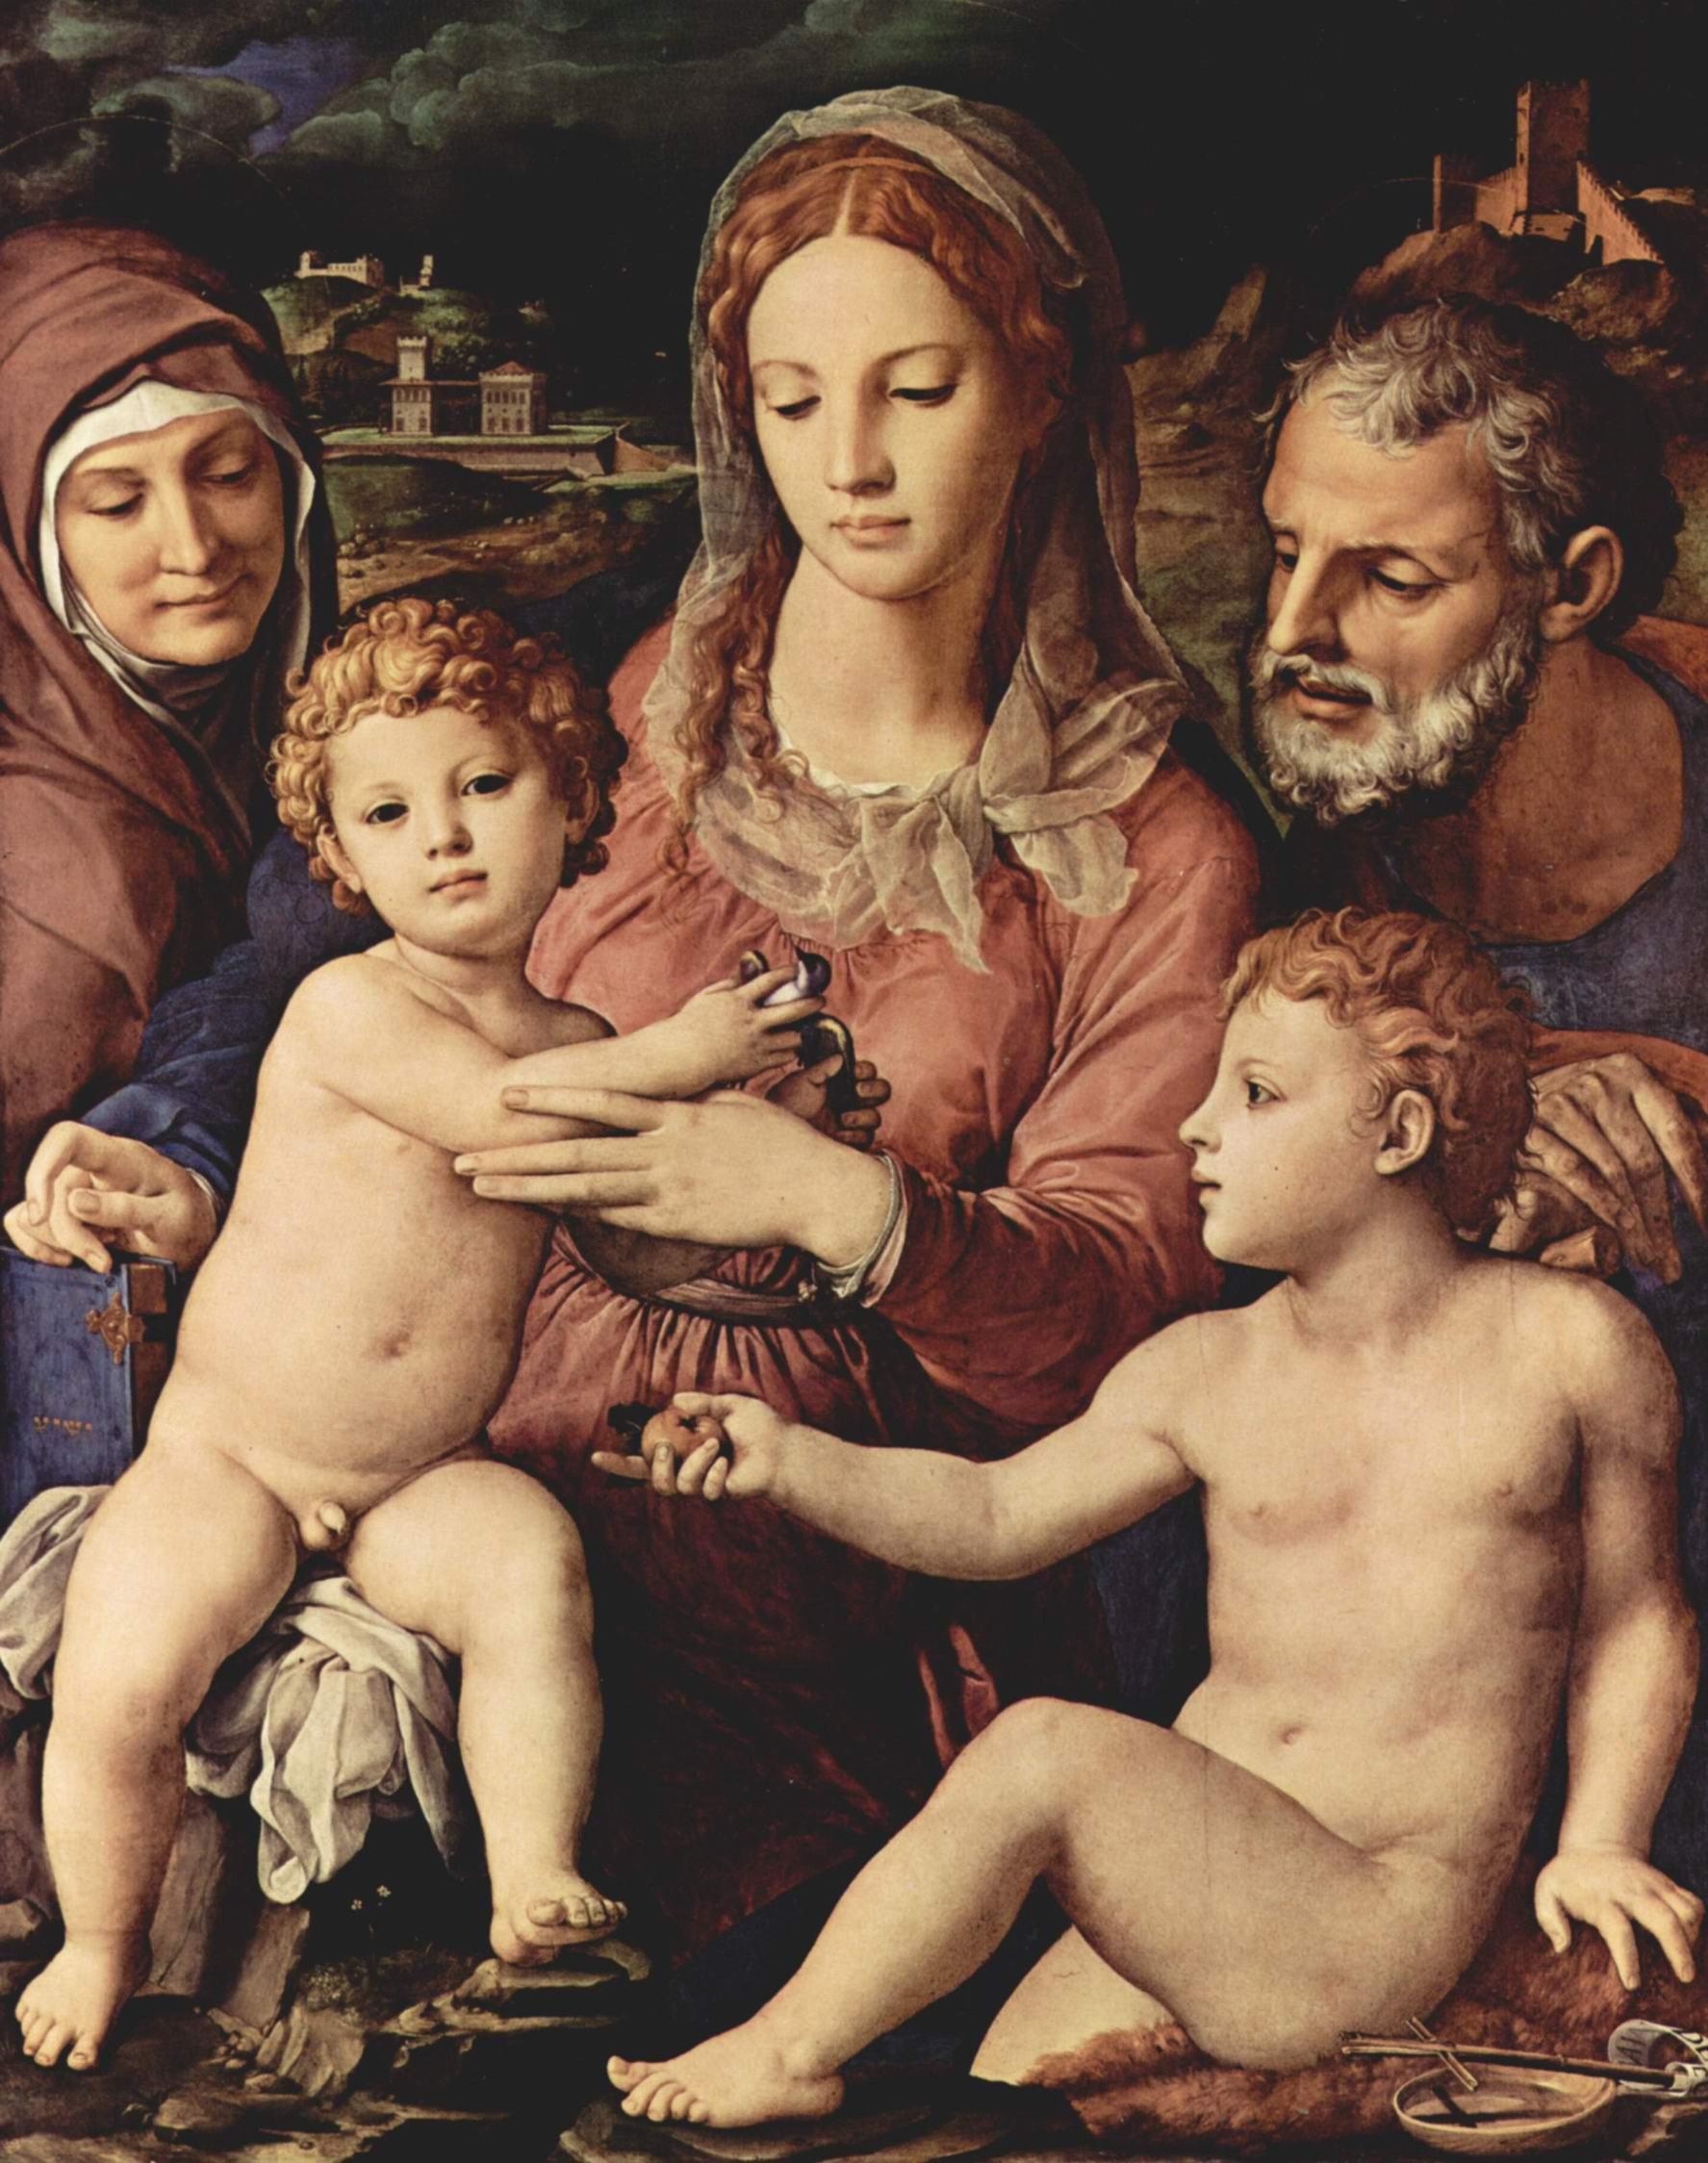 Святое семейство со св. Анной и Иоанном Крестителем, Бронзино Аньоло